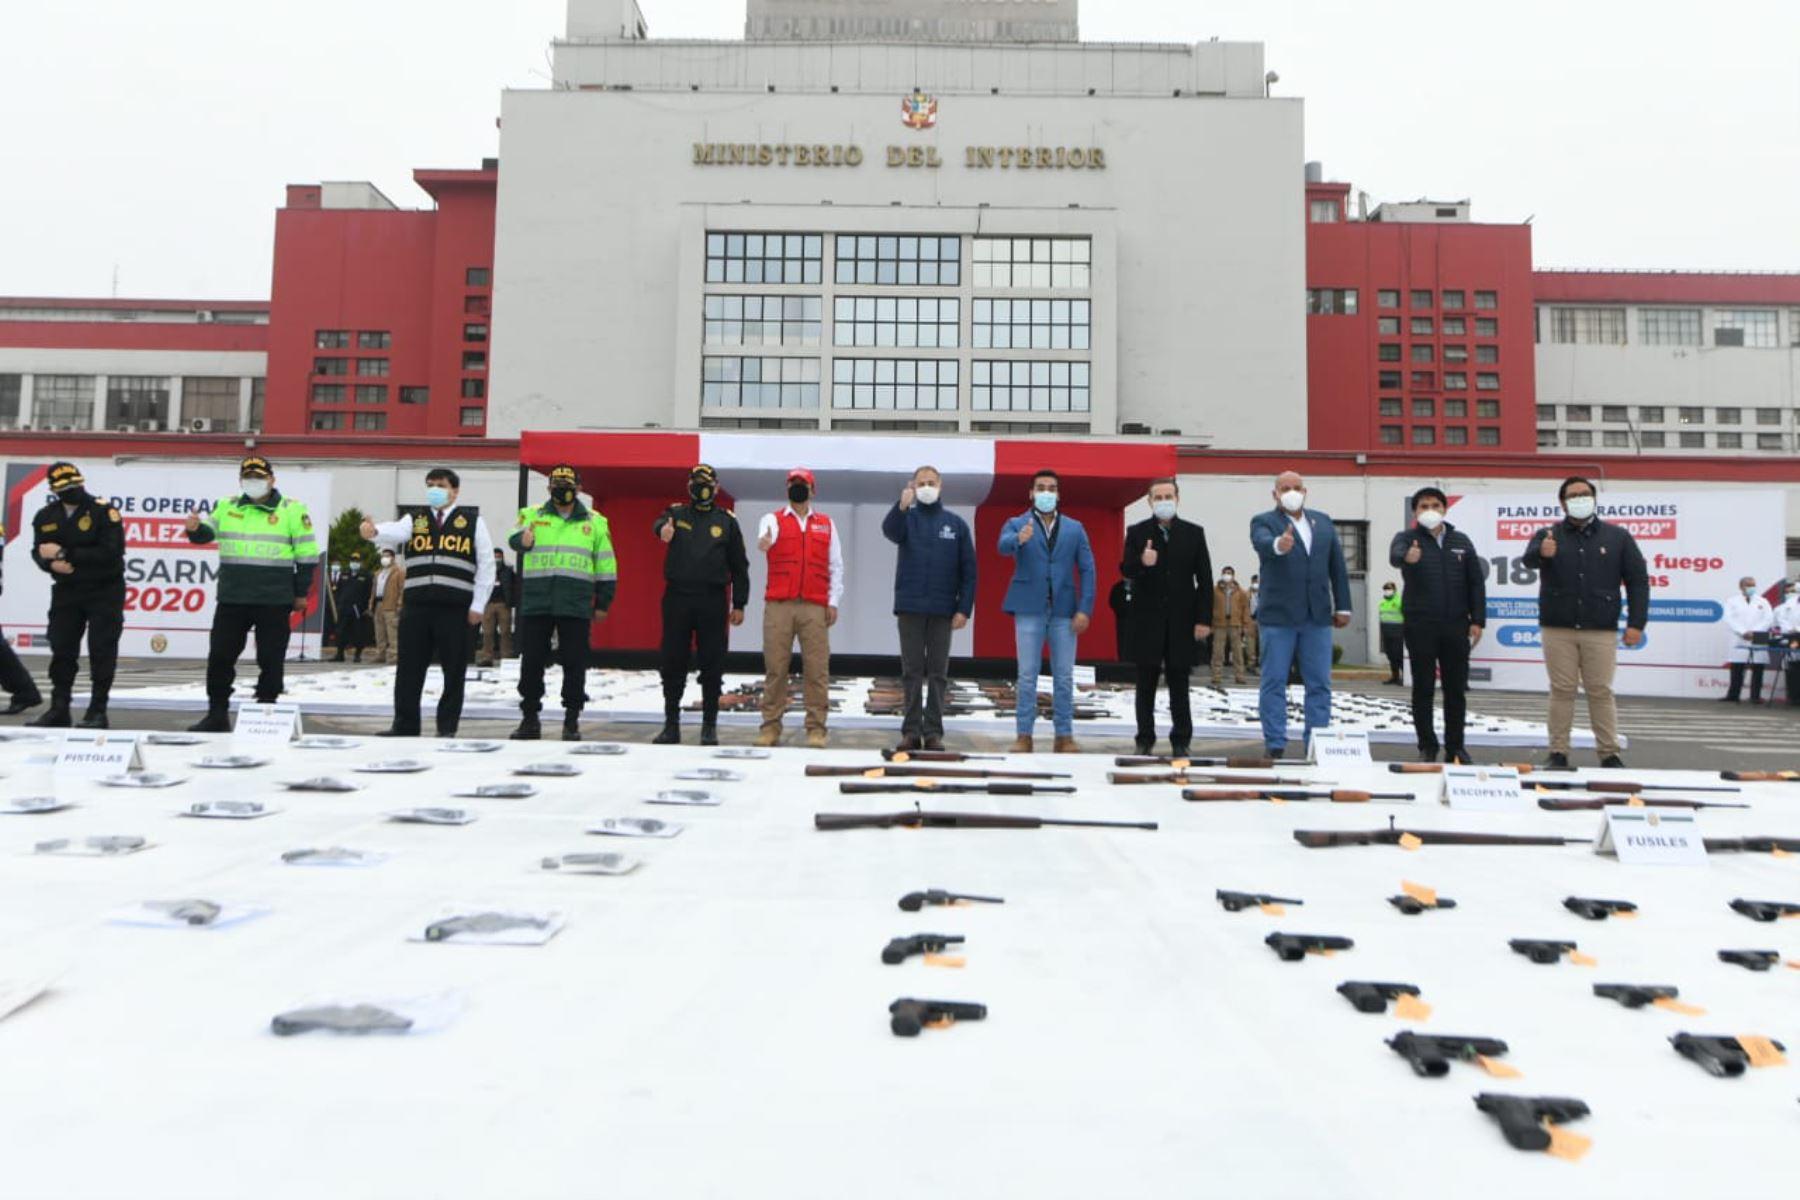 """Ministerio del Interior presenta armas incautadas durante el estado de emergencia, producto de diversos operativos realizados por la Policía Nacional, dentro del Plan Operaciones """"Fortaleza 2020"""". Foto: ANDINA/Mininter"""